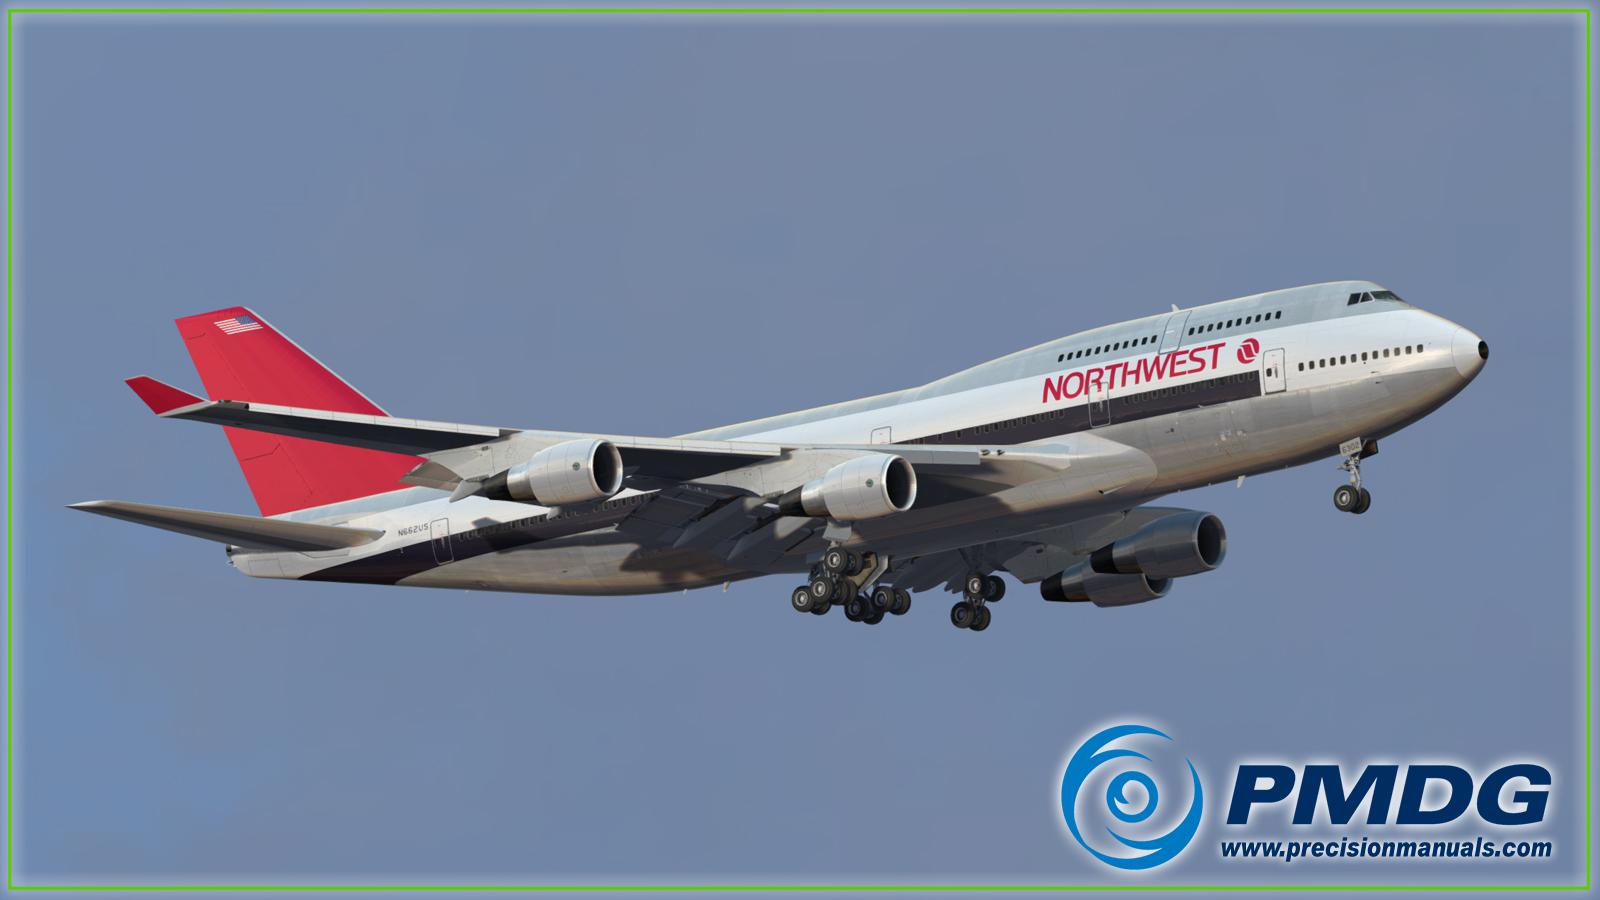 PMDG_744_NWA_landing.jpg